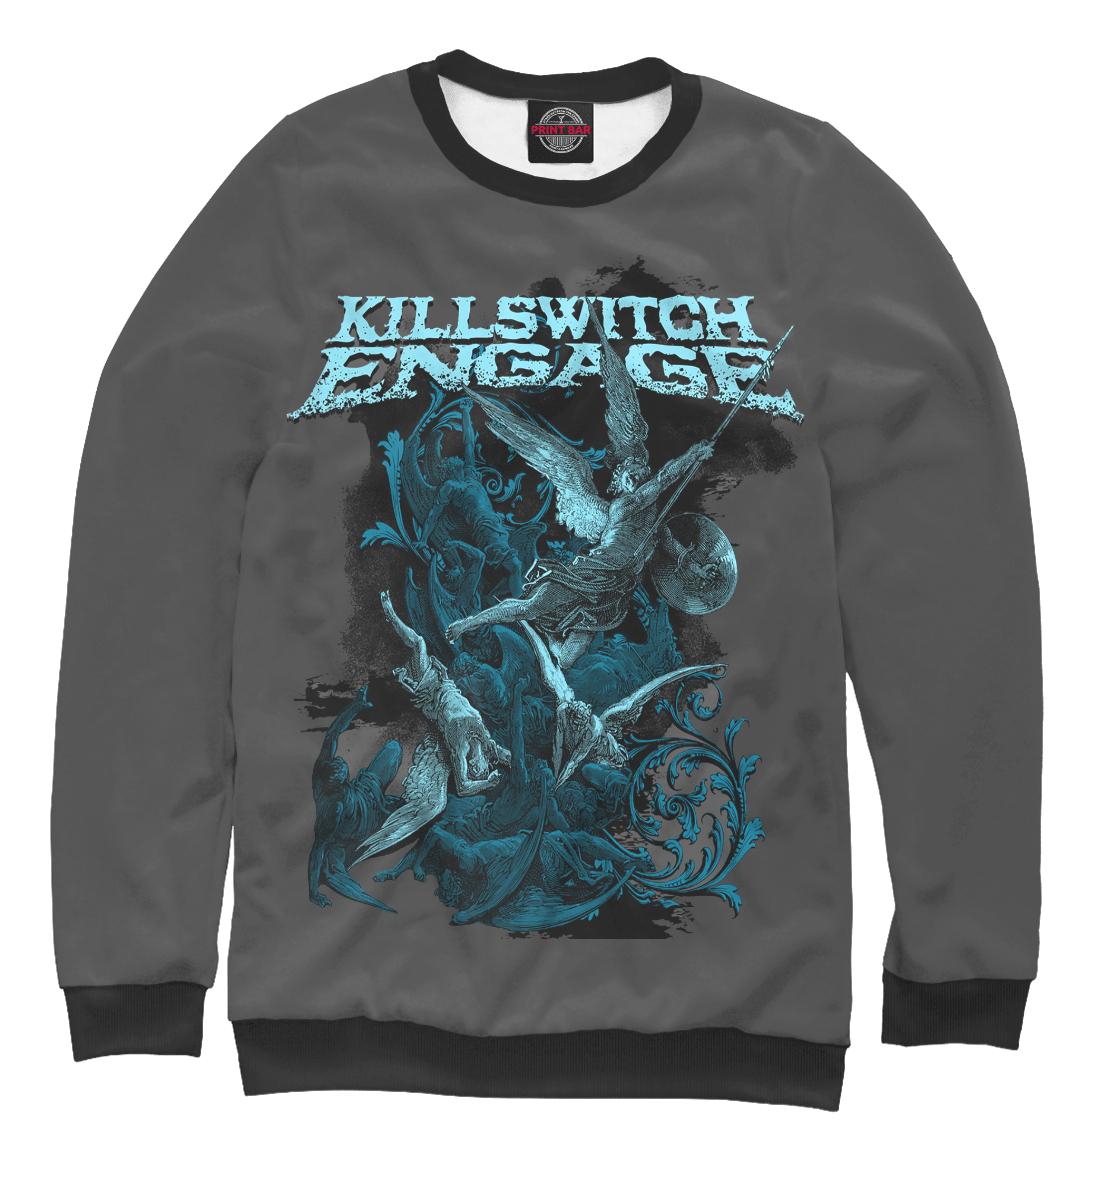 Купить Killswitch Engage, Printbar, Свитшоты, KSE-217357-swi-1